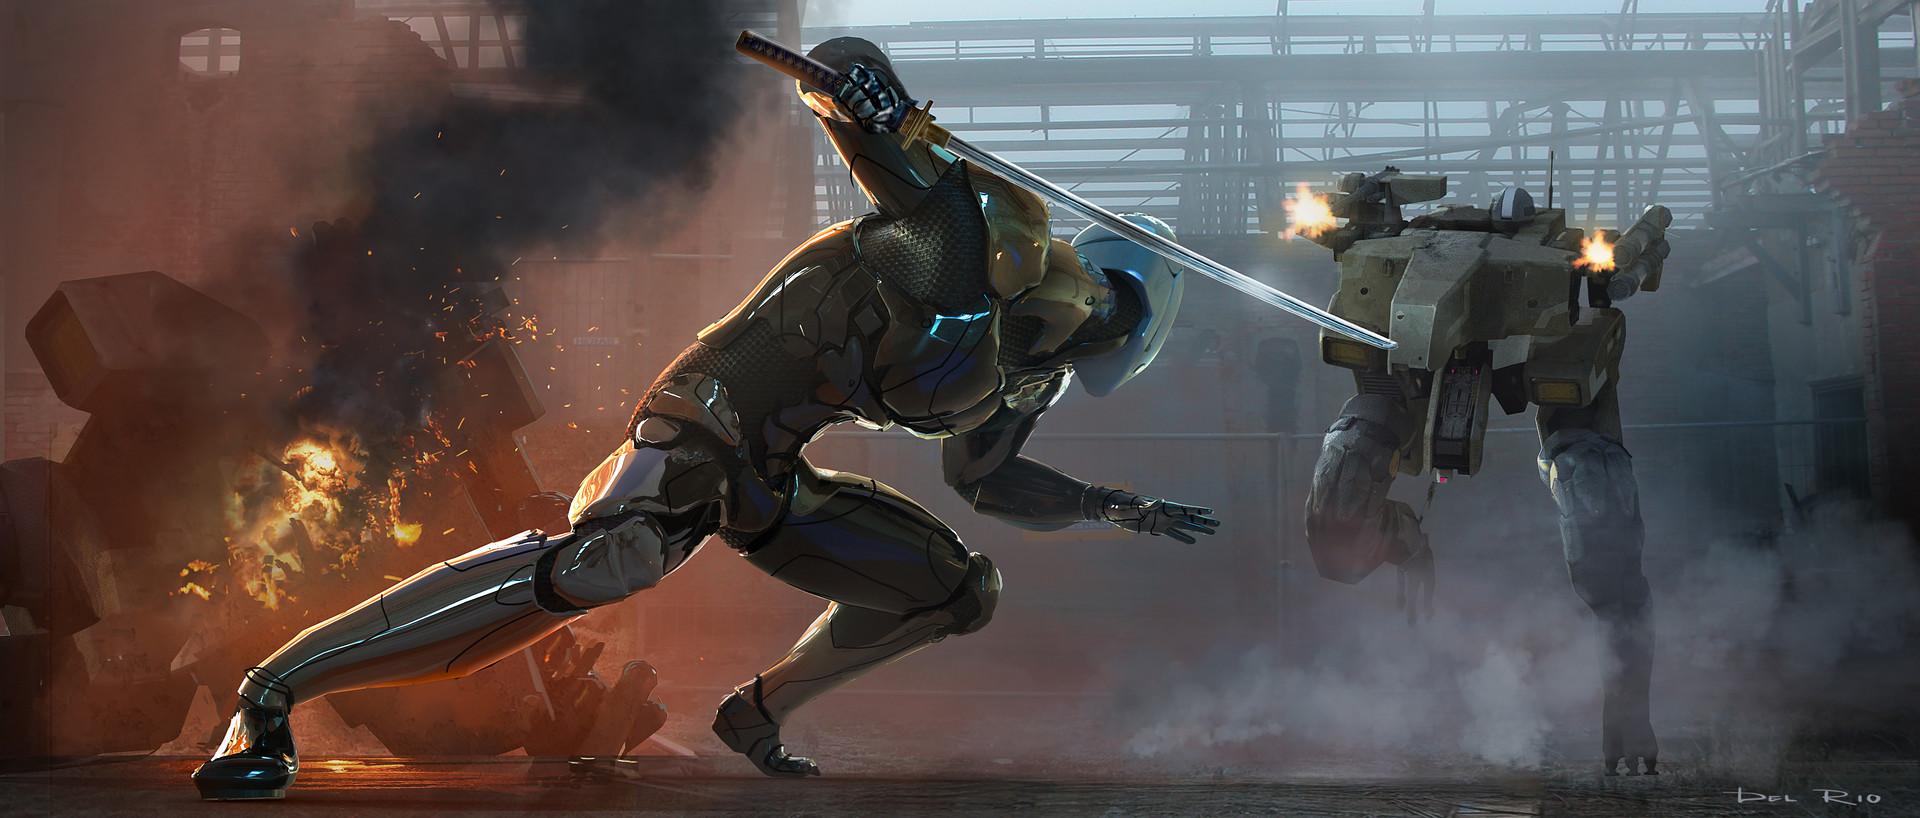 Eddie del rio scene 04 cyborg ninja